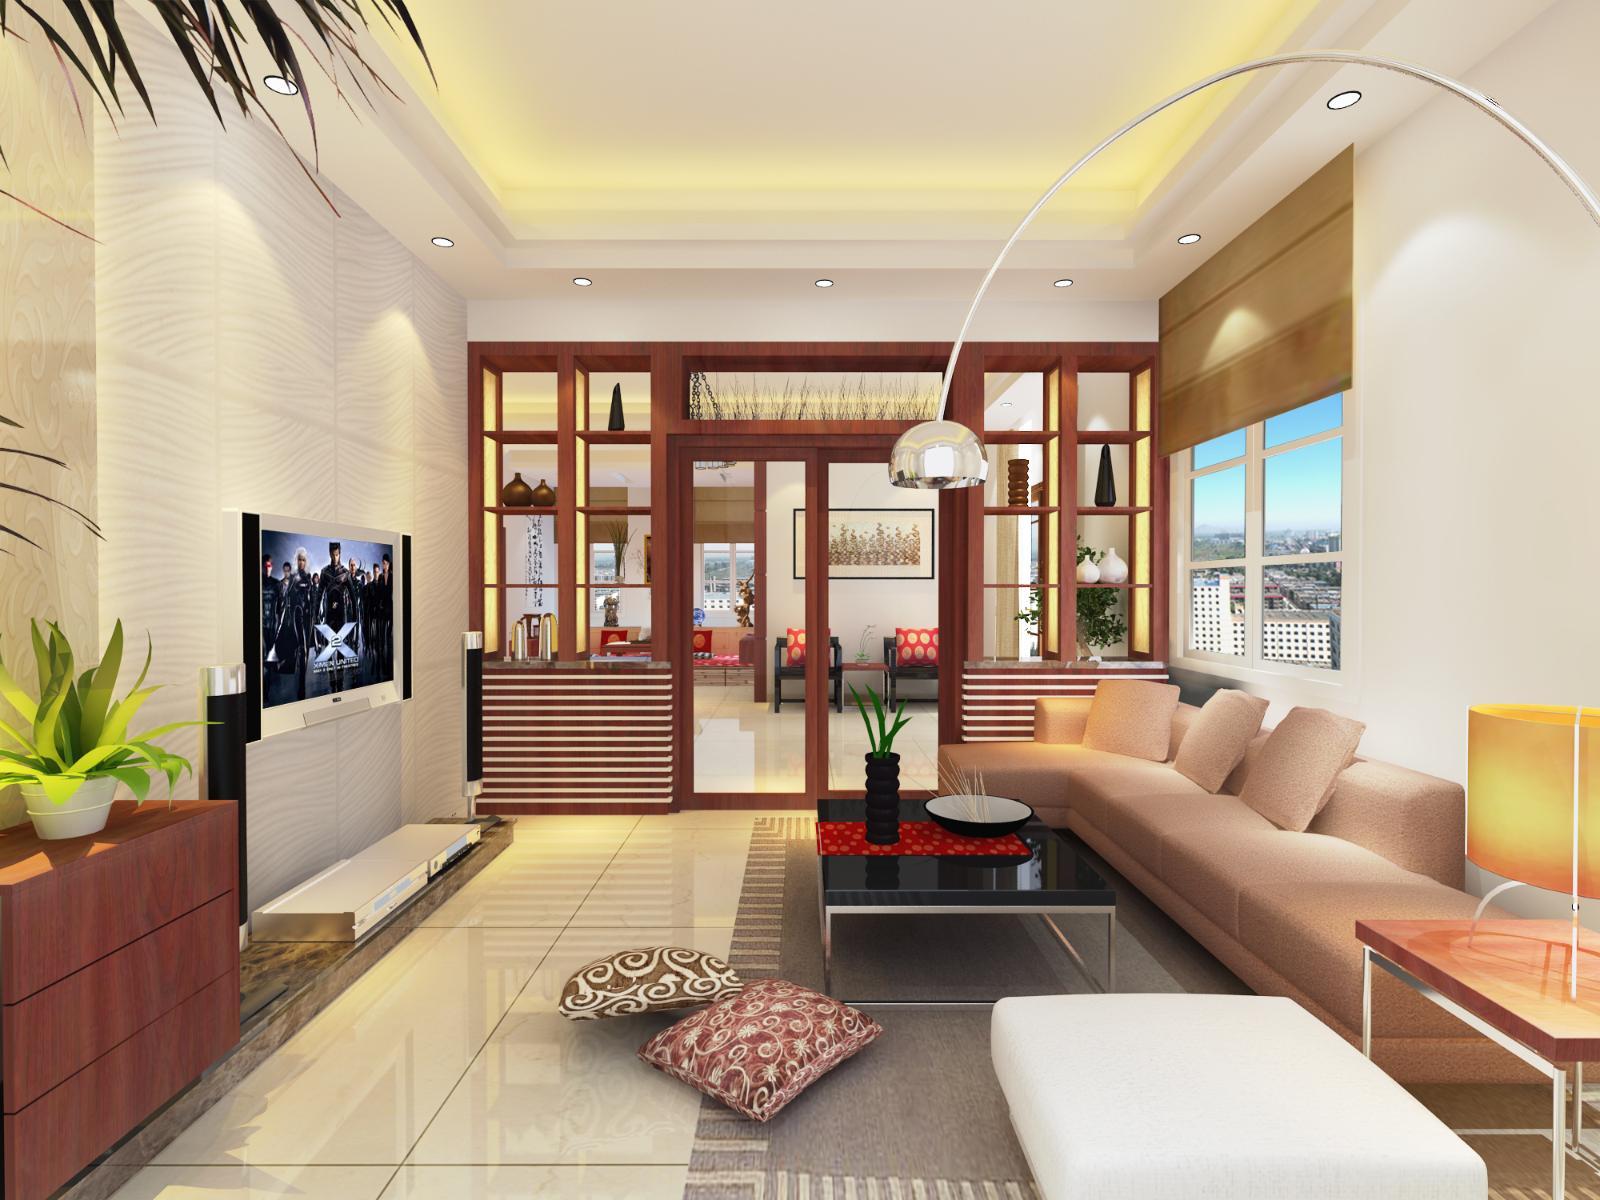 餐厅与客厅隔断设计 让家更具温馨感